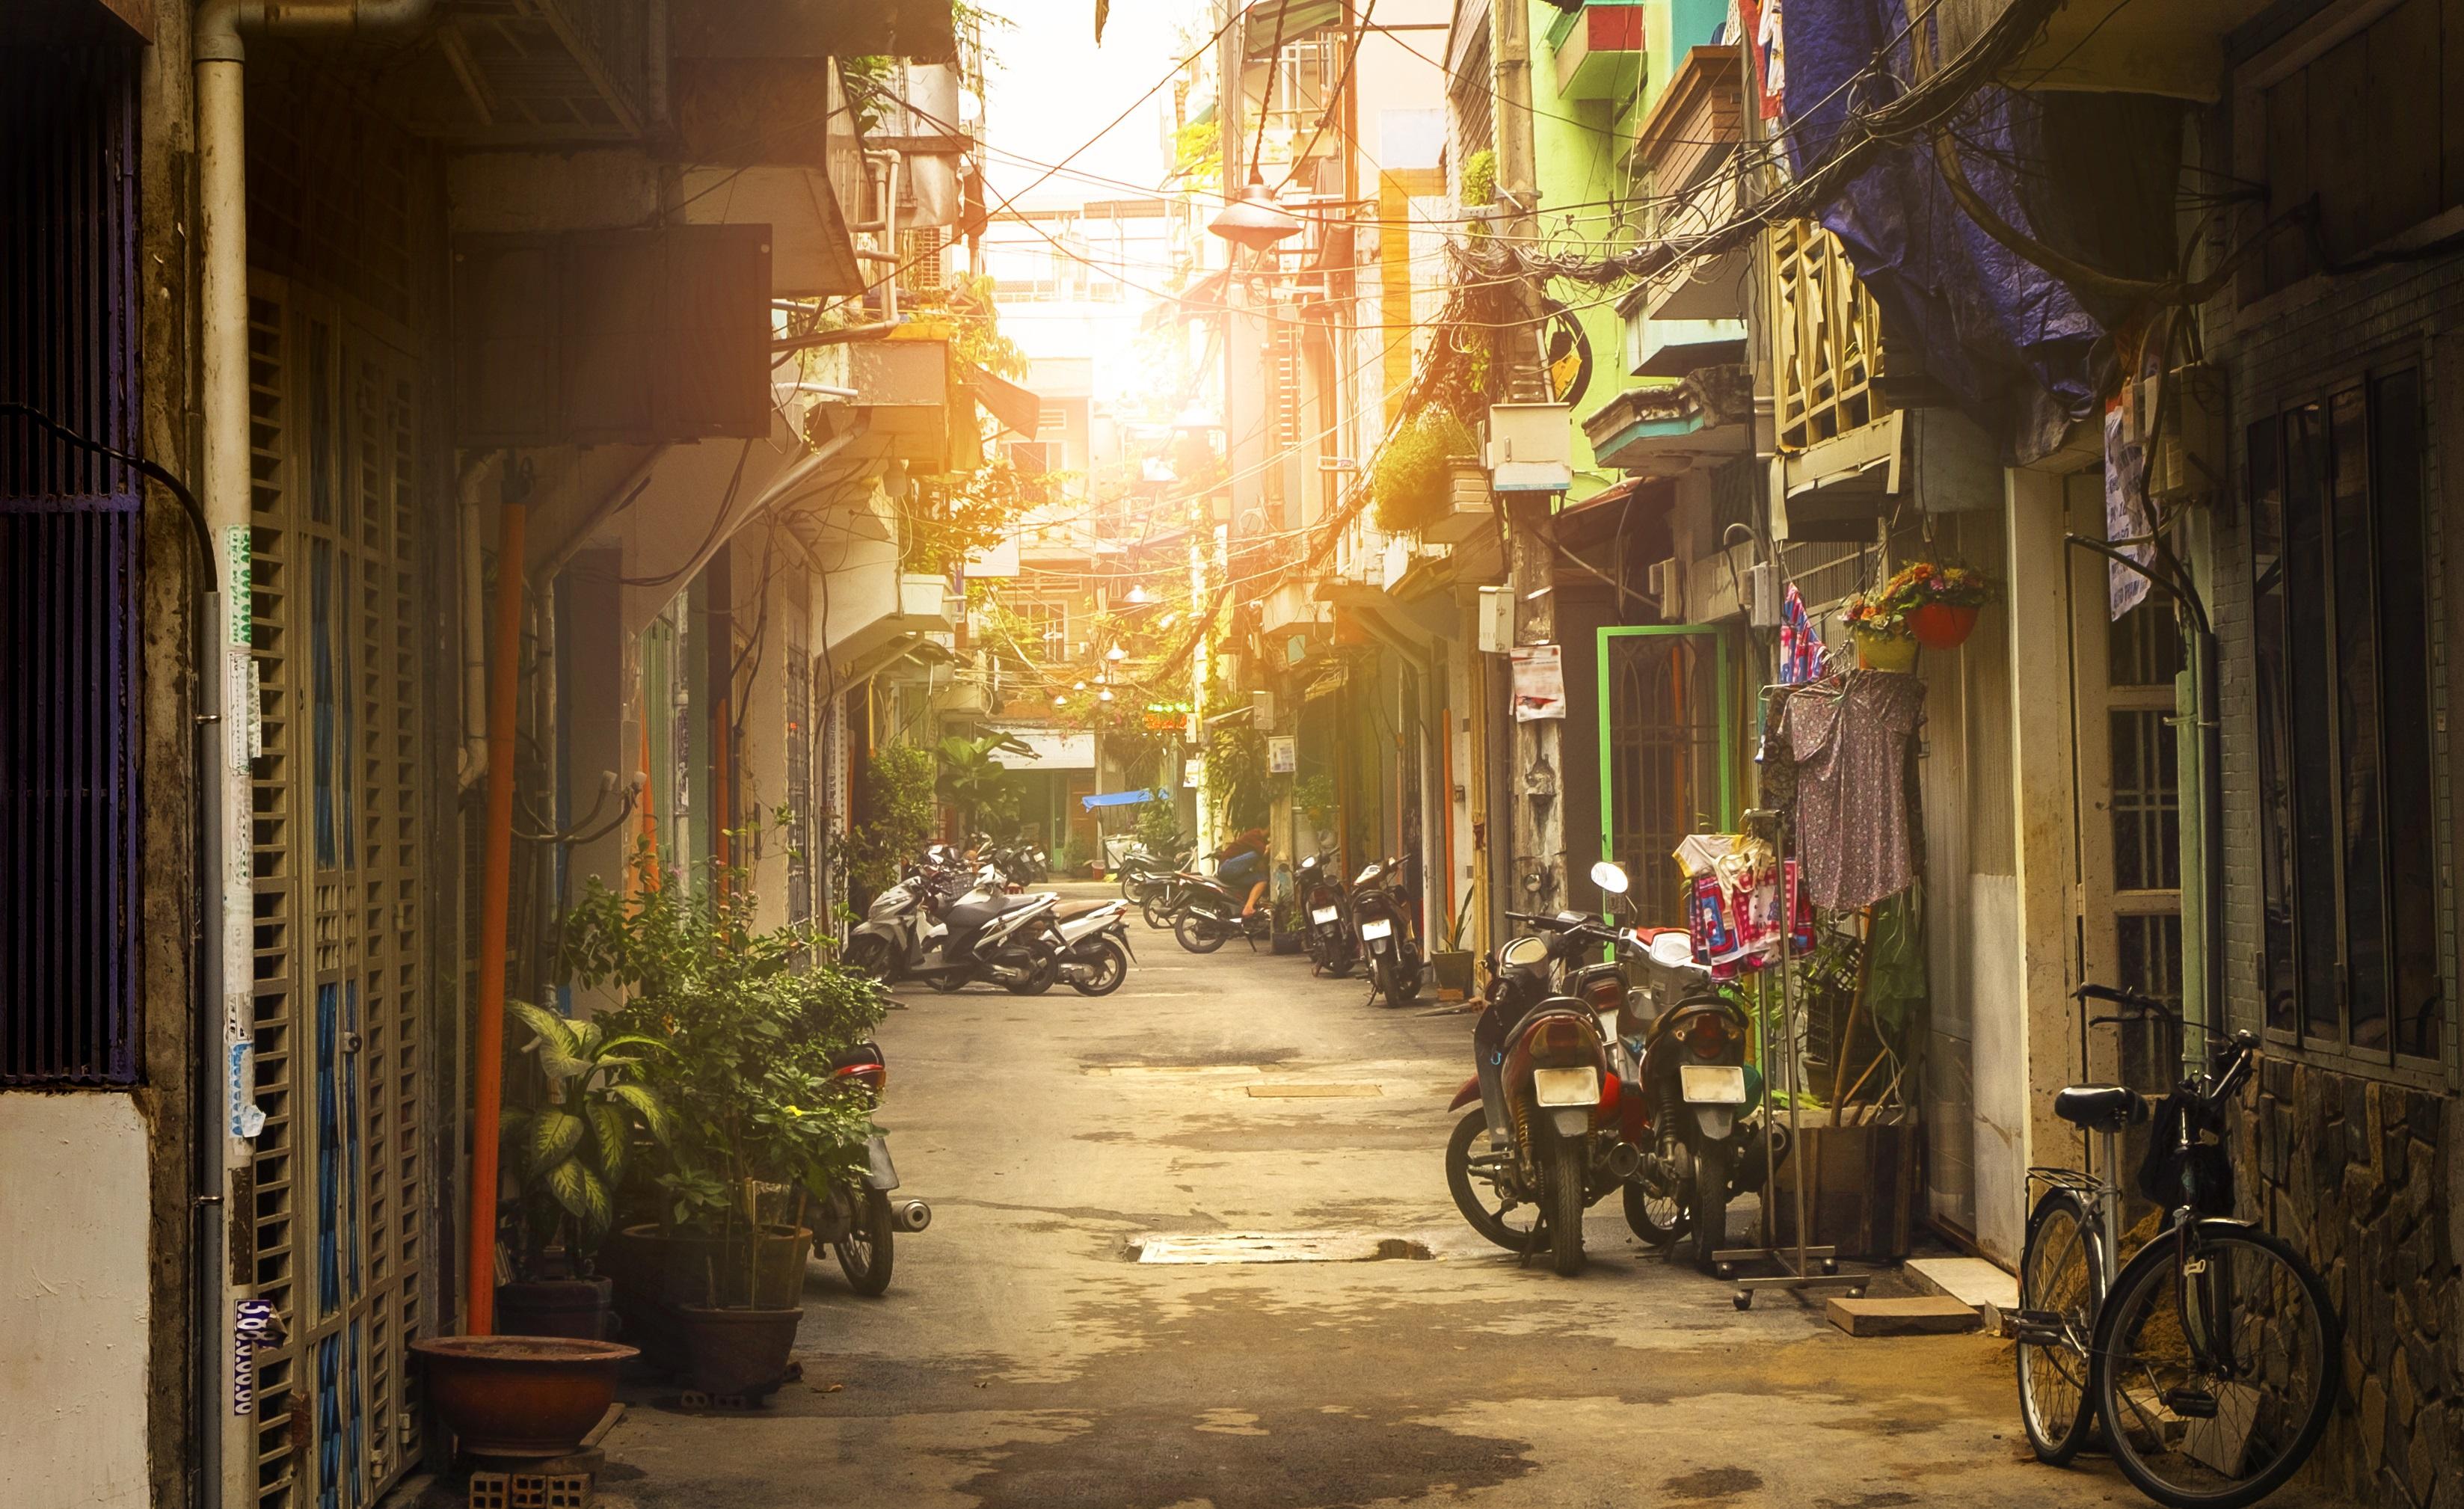 Хо Ши Мин, Виетнам<br /> <br /> Суперградът, който по някакъв начин продължава да става все по-готин и по-готин. Старите жилищни блокове са колонизирани от магазини за винтидж дрехи и независими кафенета, както и иновативни пивоварни, които правят града една от най-добрите дестинации за крафт бира в Югоизточна Азия. Всичко това, заедно със старите традиции на града го правят дестинация, която просто трябва да посетите.